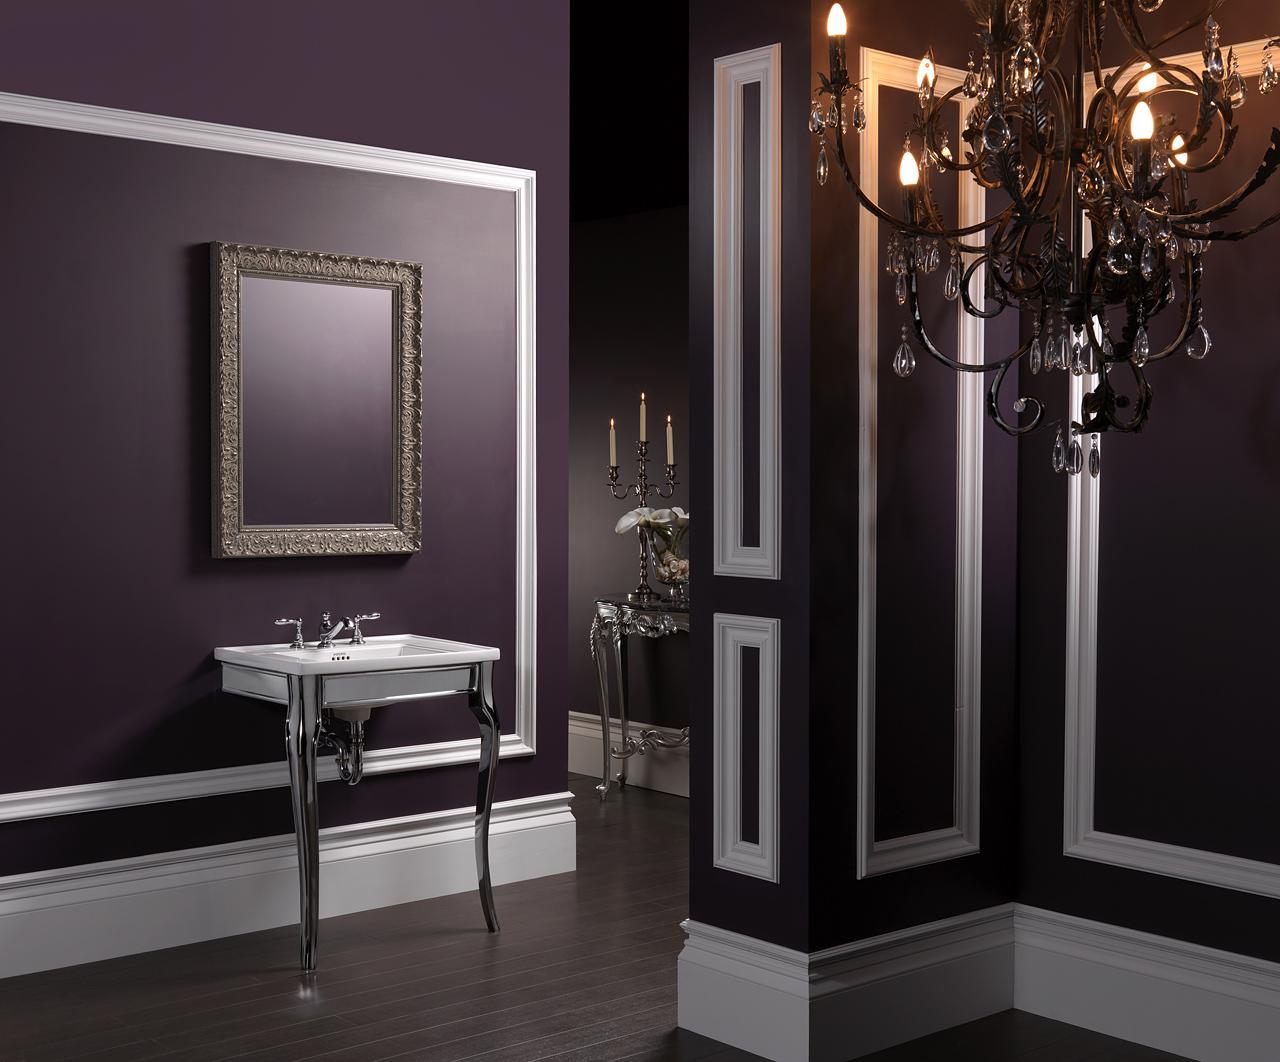 Classic Bathrooms: Imperial Bathrooms - Camilla